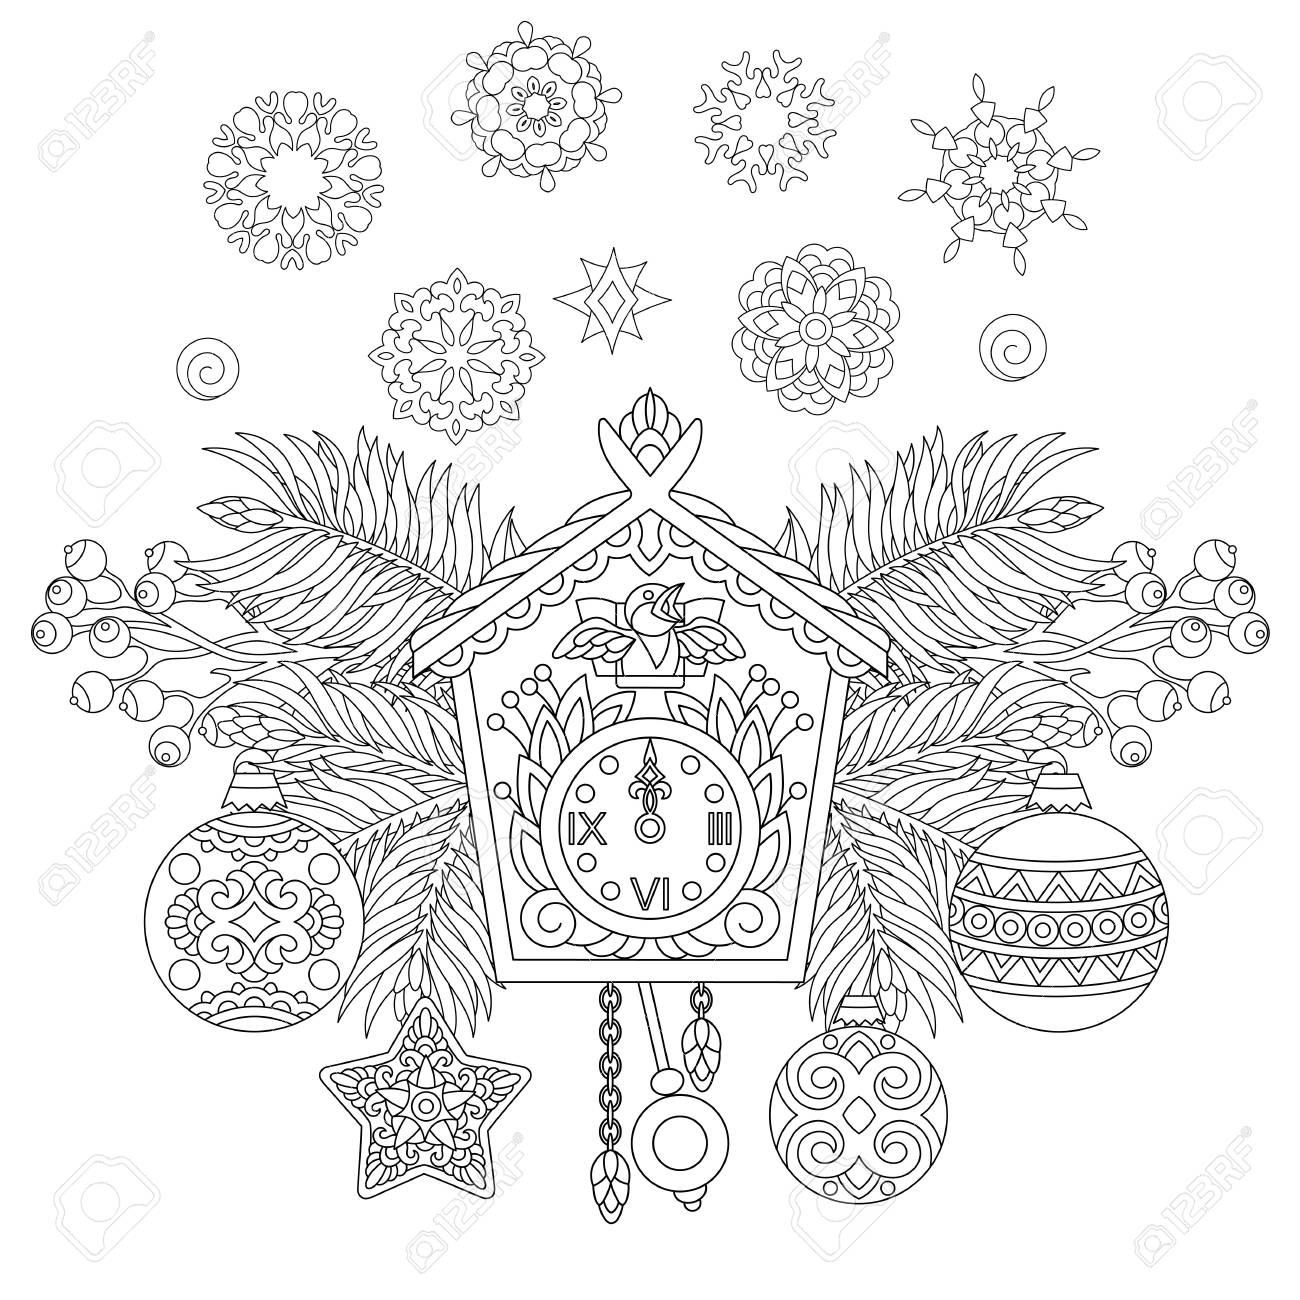 Vettoriale Pagina Da Colorare Di Natale Decorazioni Per Appendere